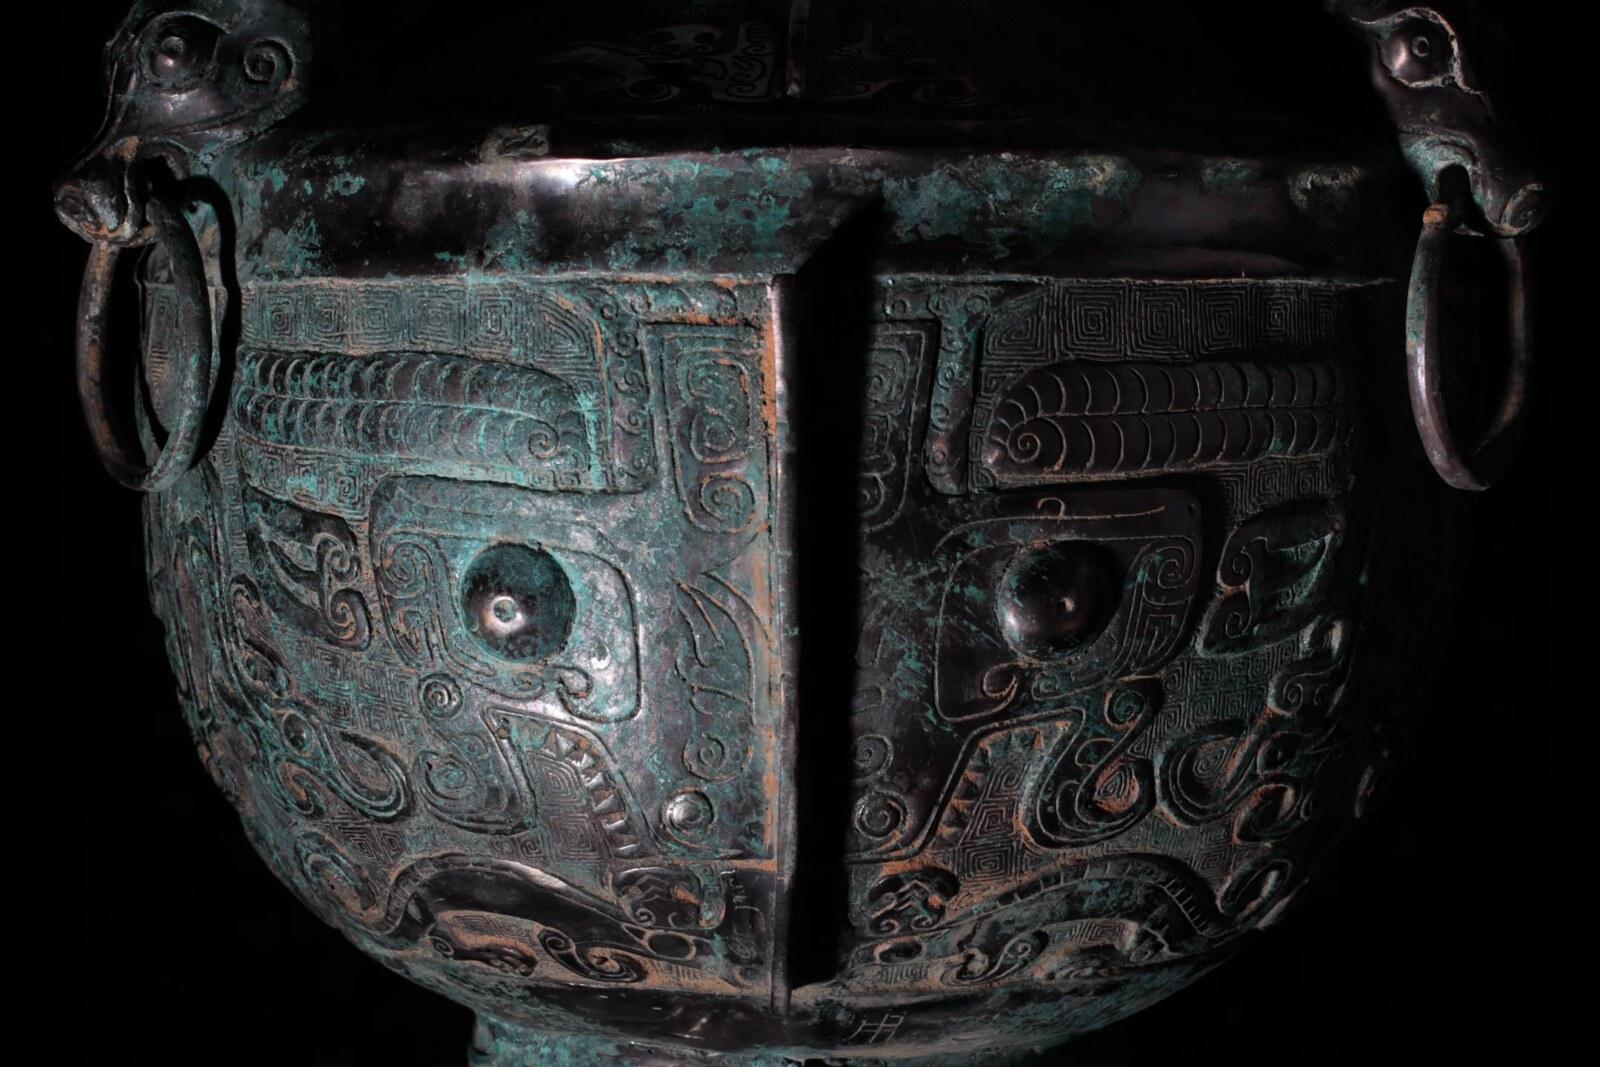 饕餮文(獣面文)と呼ばれる文様が施された殷代の祭礼用青銅器